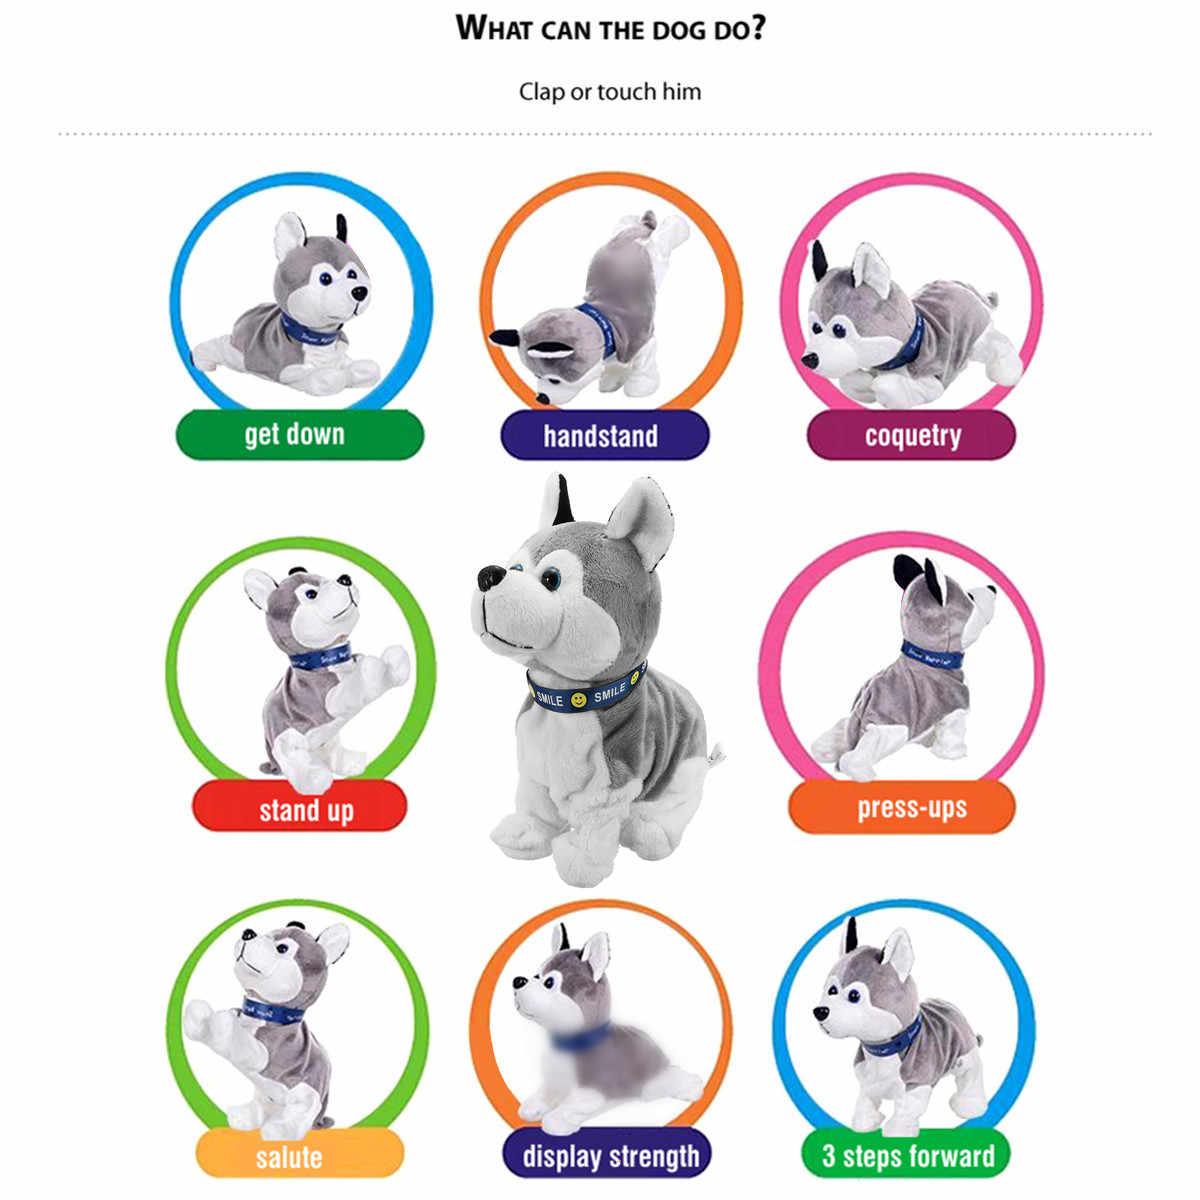 אלקטרוני רובוט כלב קול שליטה ילדים בפלאש צעצוע קול שליטה אינטראקטיבית קליפת Stand ללכת אלקטרוני צעצועי כלב עבור תינוק מתנות